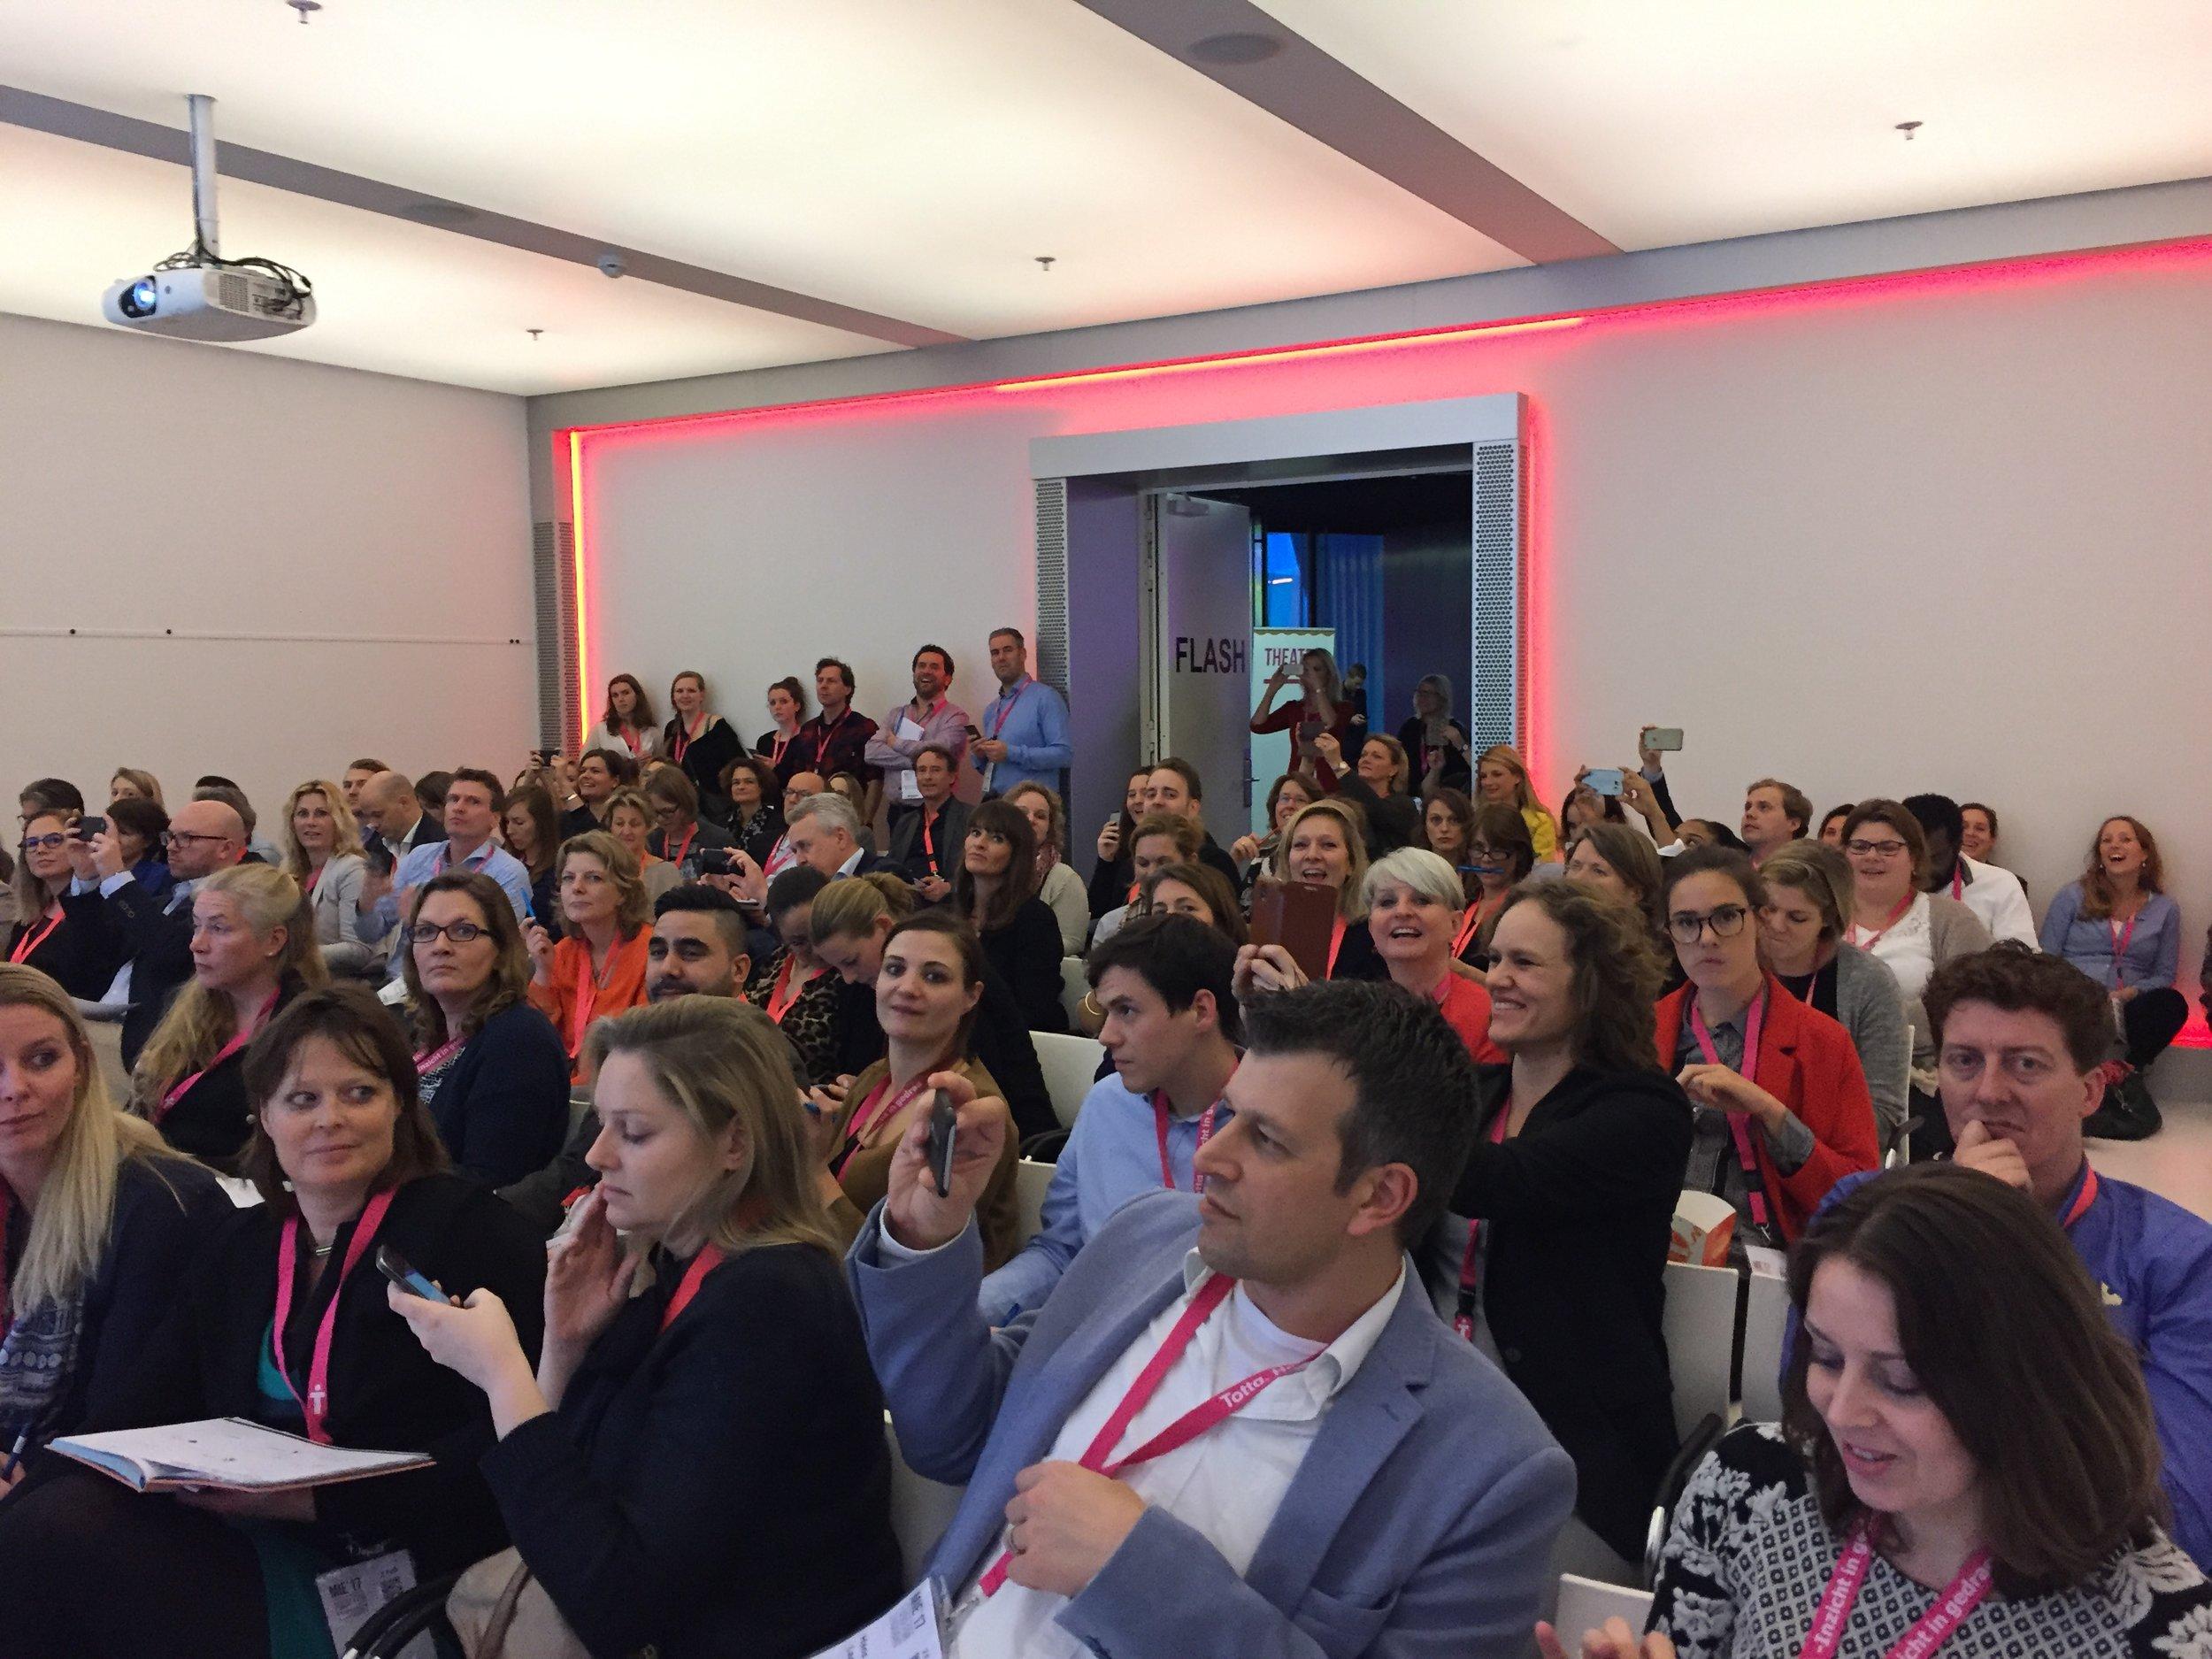 Workshop 'Brand Storytelling: Hoe zet ik verhalen in voor mijn merk?' op het Marketing Insights Event 2017.